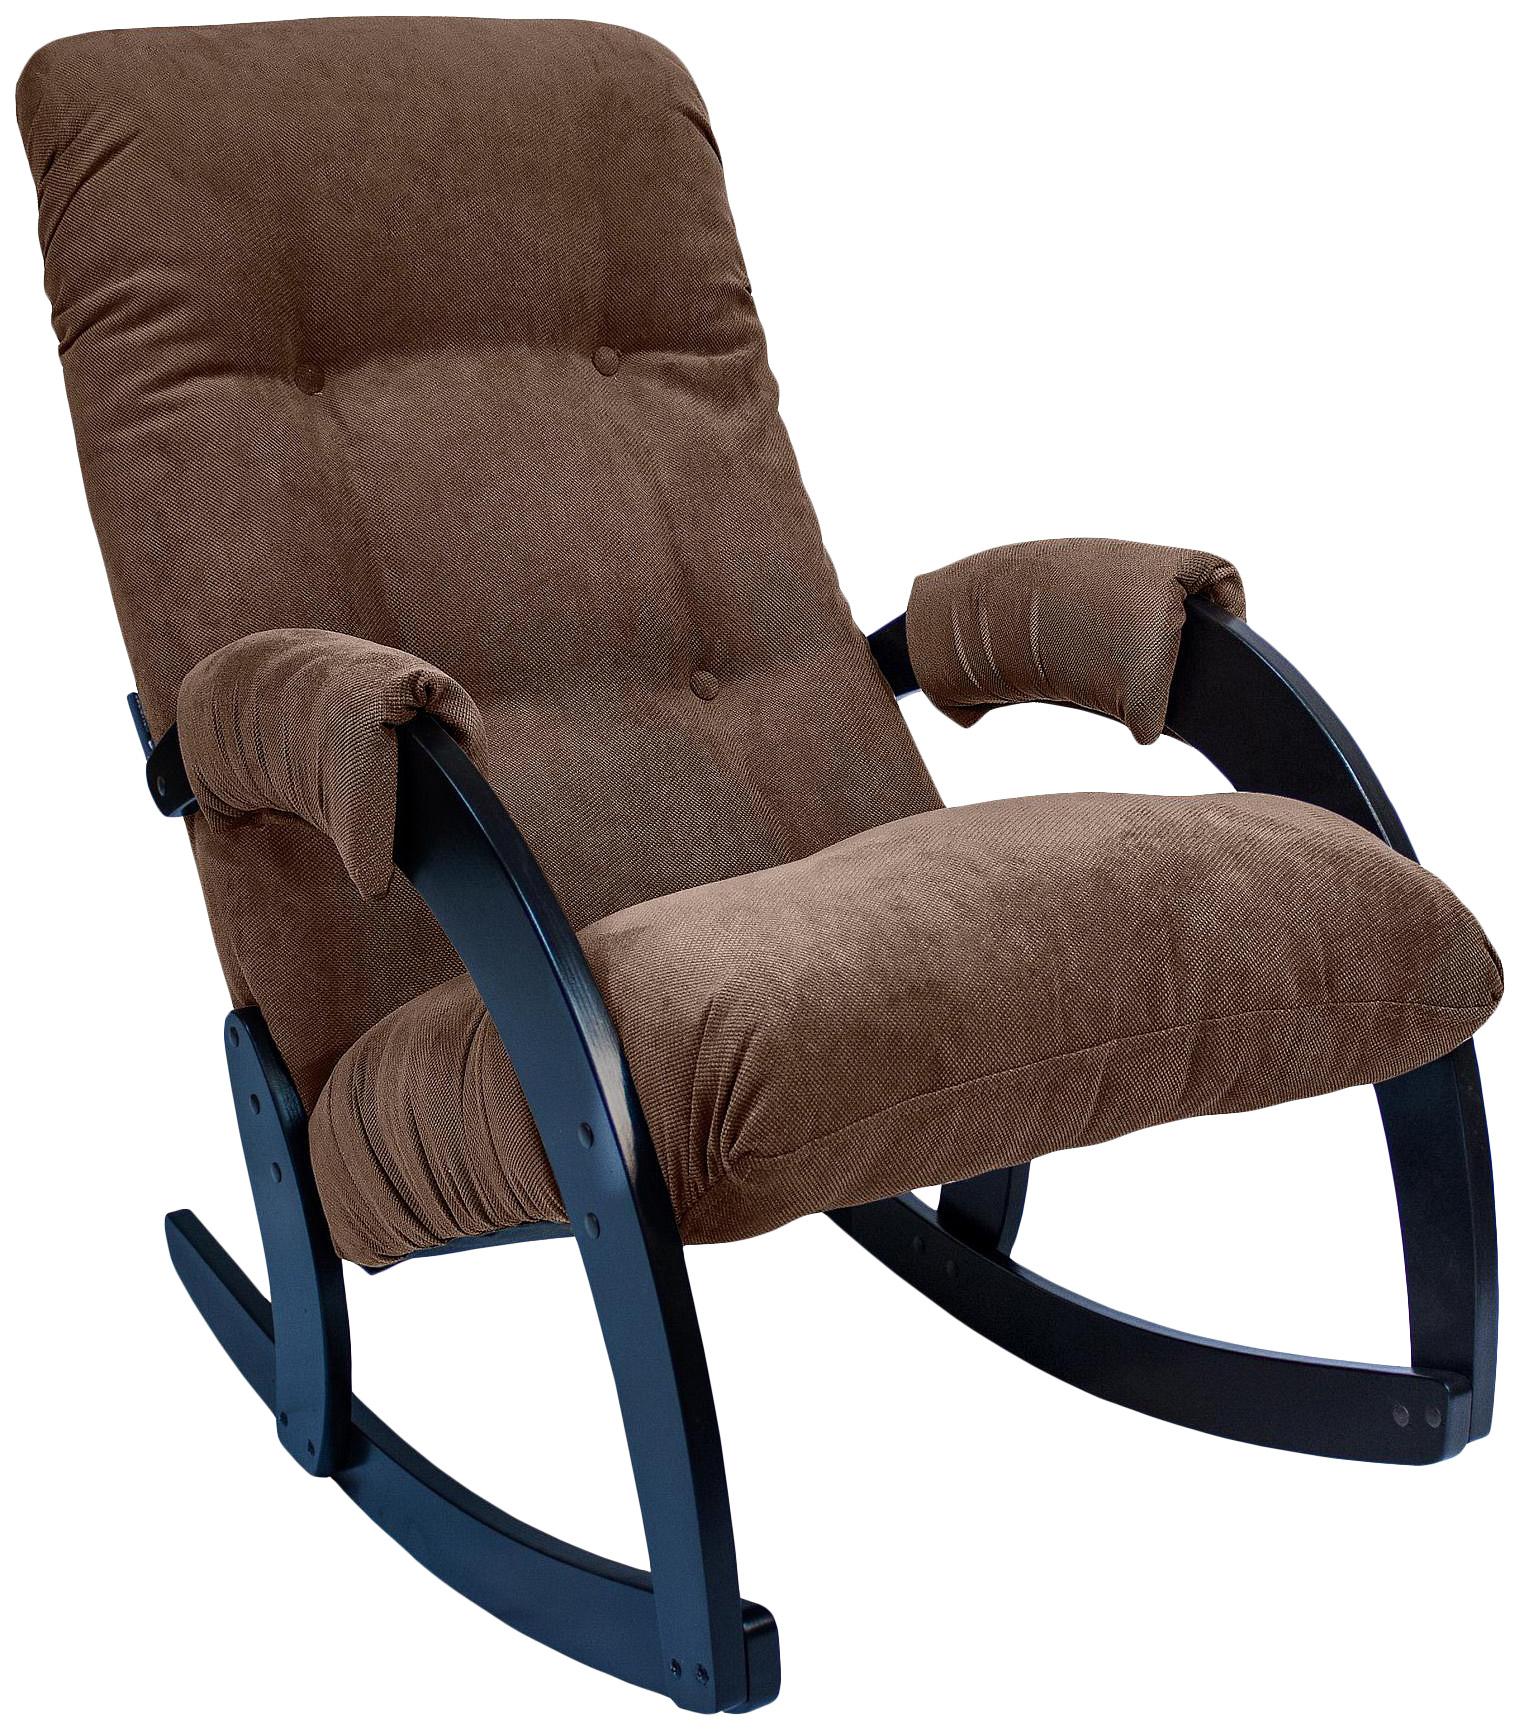 Кресло-качалка Комфорт Модель 67 KMT_2000000031293, коричневый